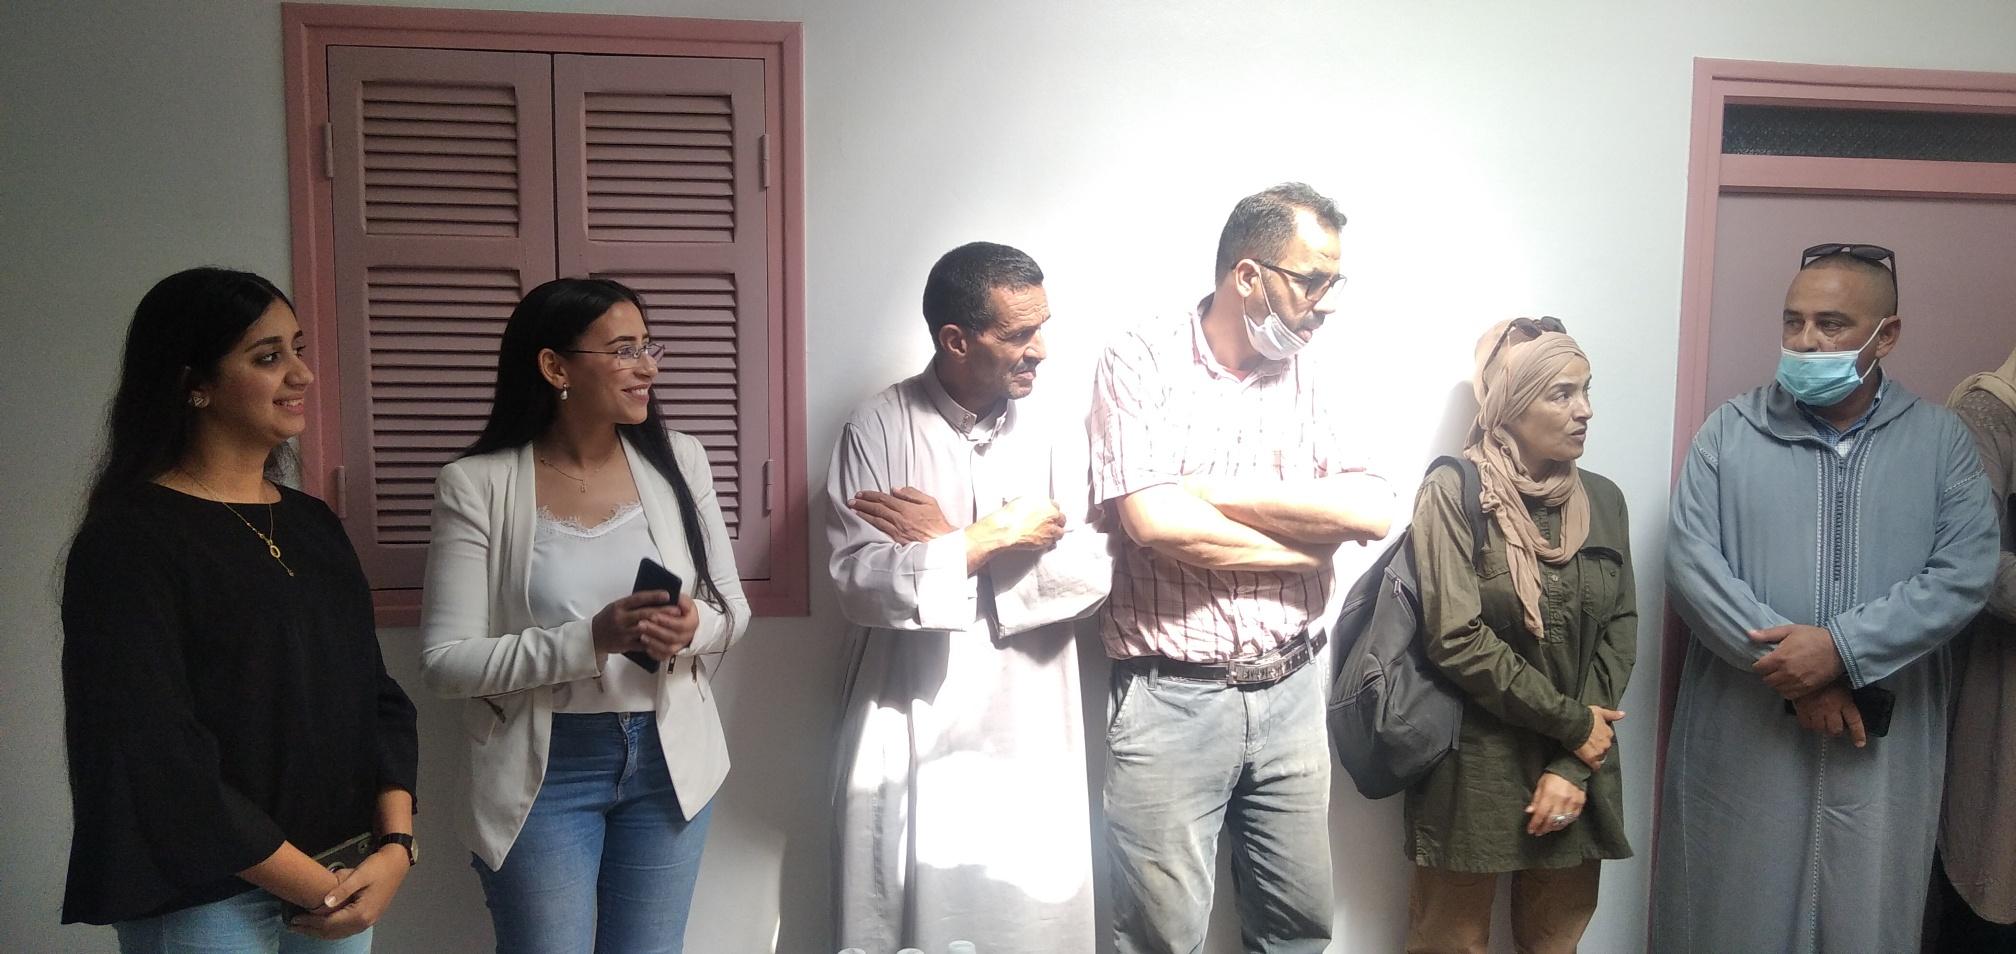 المنظومة الصحية بميراللفت تتعزز بافتتاح عيادة جديدة للطب العام متخصصة في طب النساء والسكري والضغط